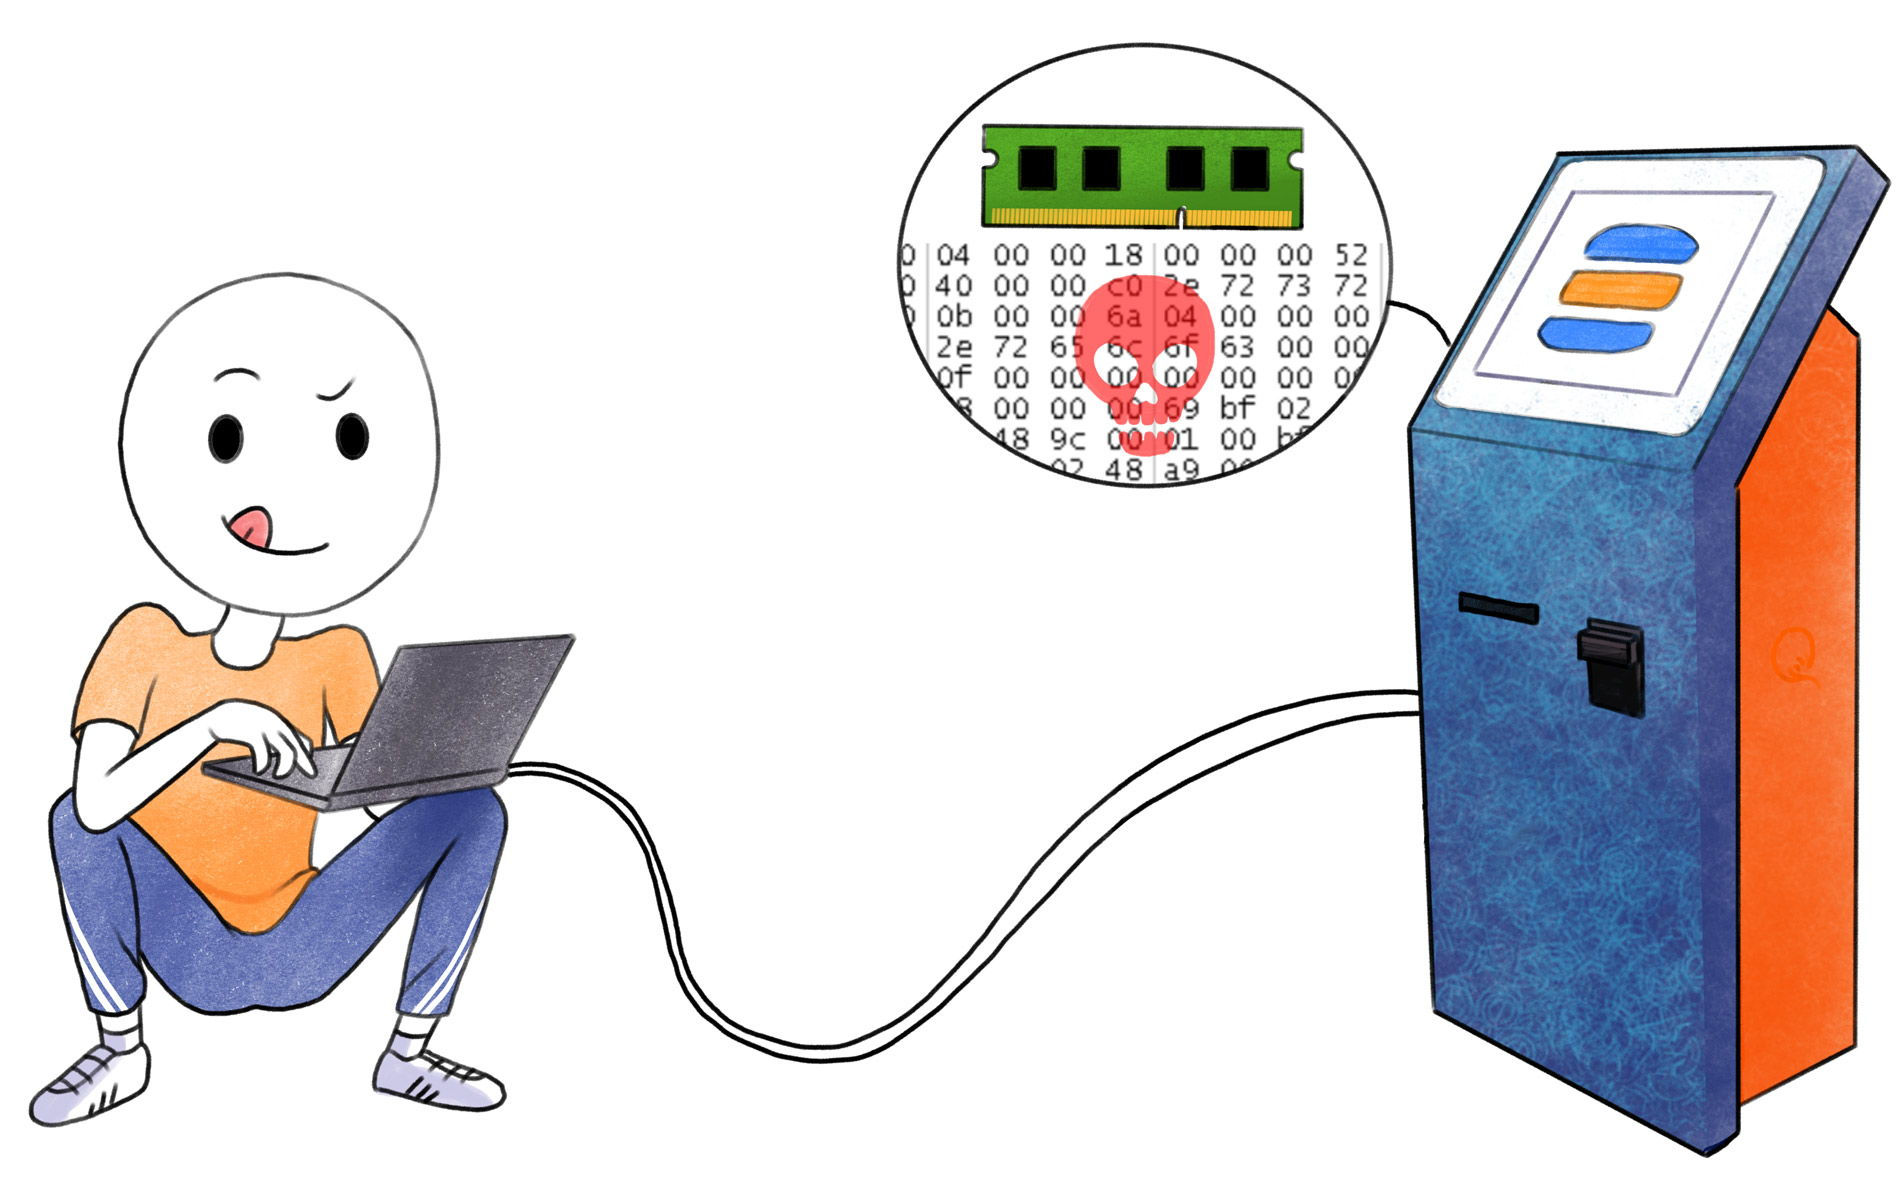 [Воркшоп] DMA-атаки на практике. Эксплоит через прямой доступ к памяти - 1